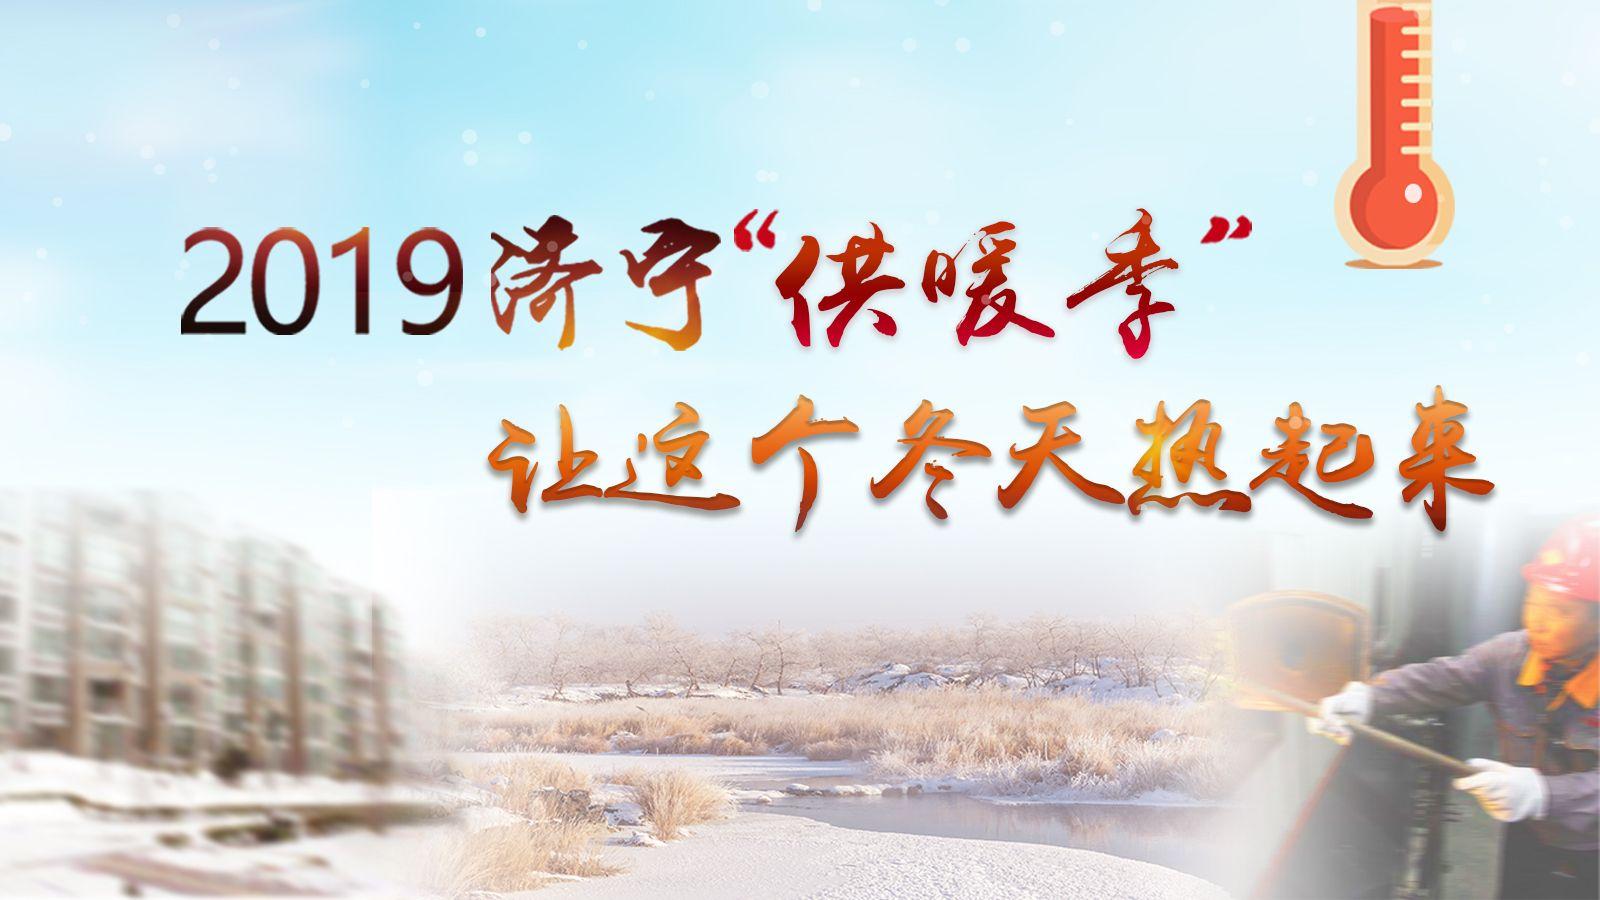 2019濟寧供暖季——讓這個冬天熱起來